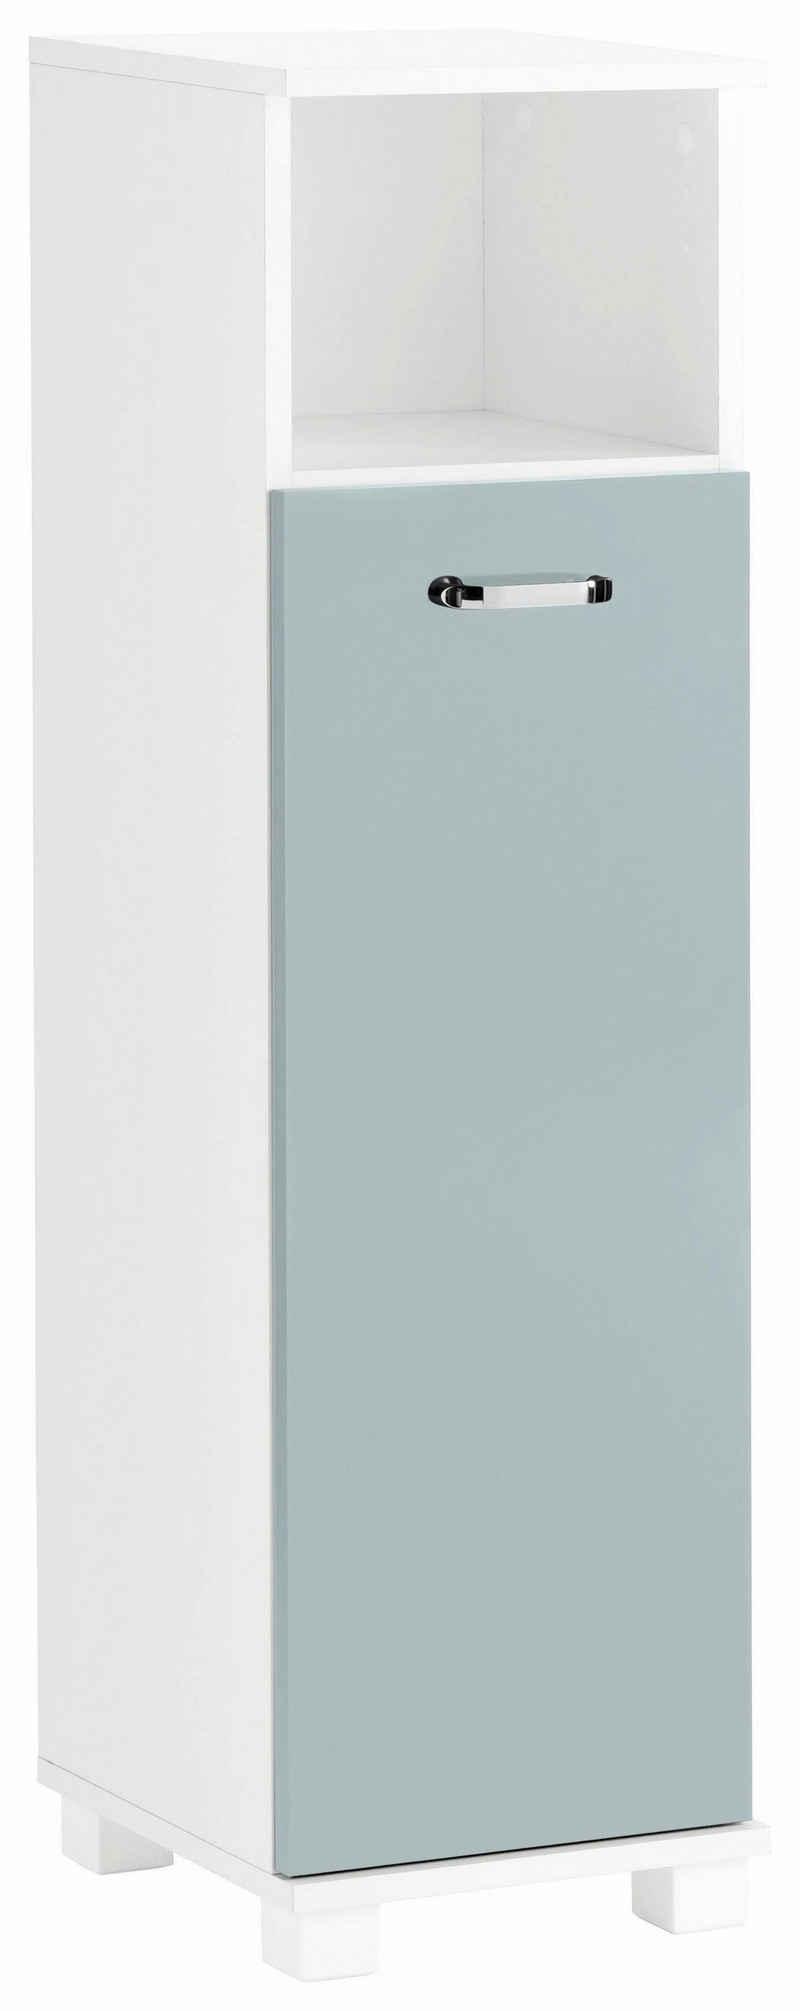 Schildmeyer Midischrank »Colli« Höhe 110,5 cm, Badezimmerschrank mit Metallgriff, Ablageböden hinter der Tür, praktischer Stauraum im offenen Fach